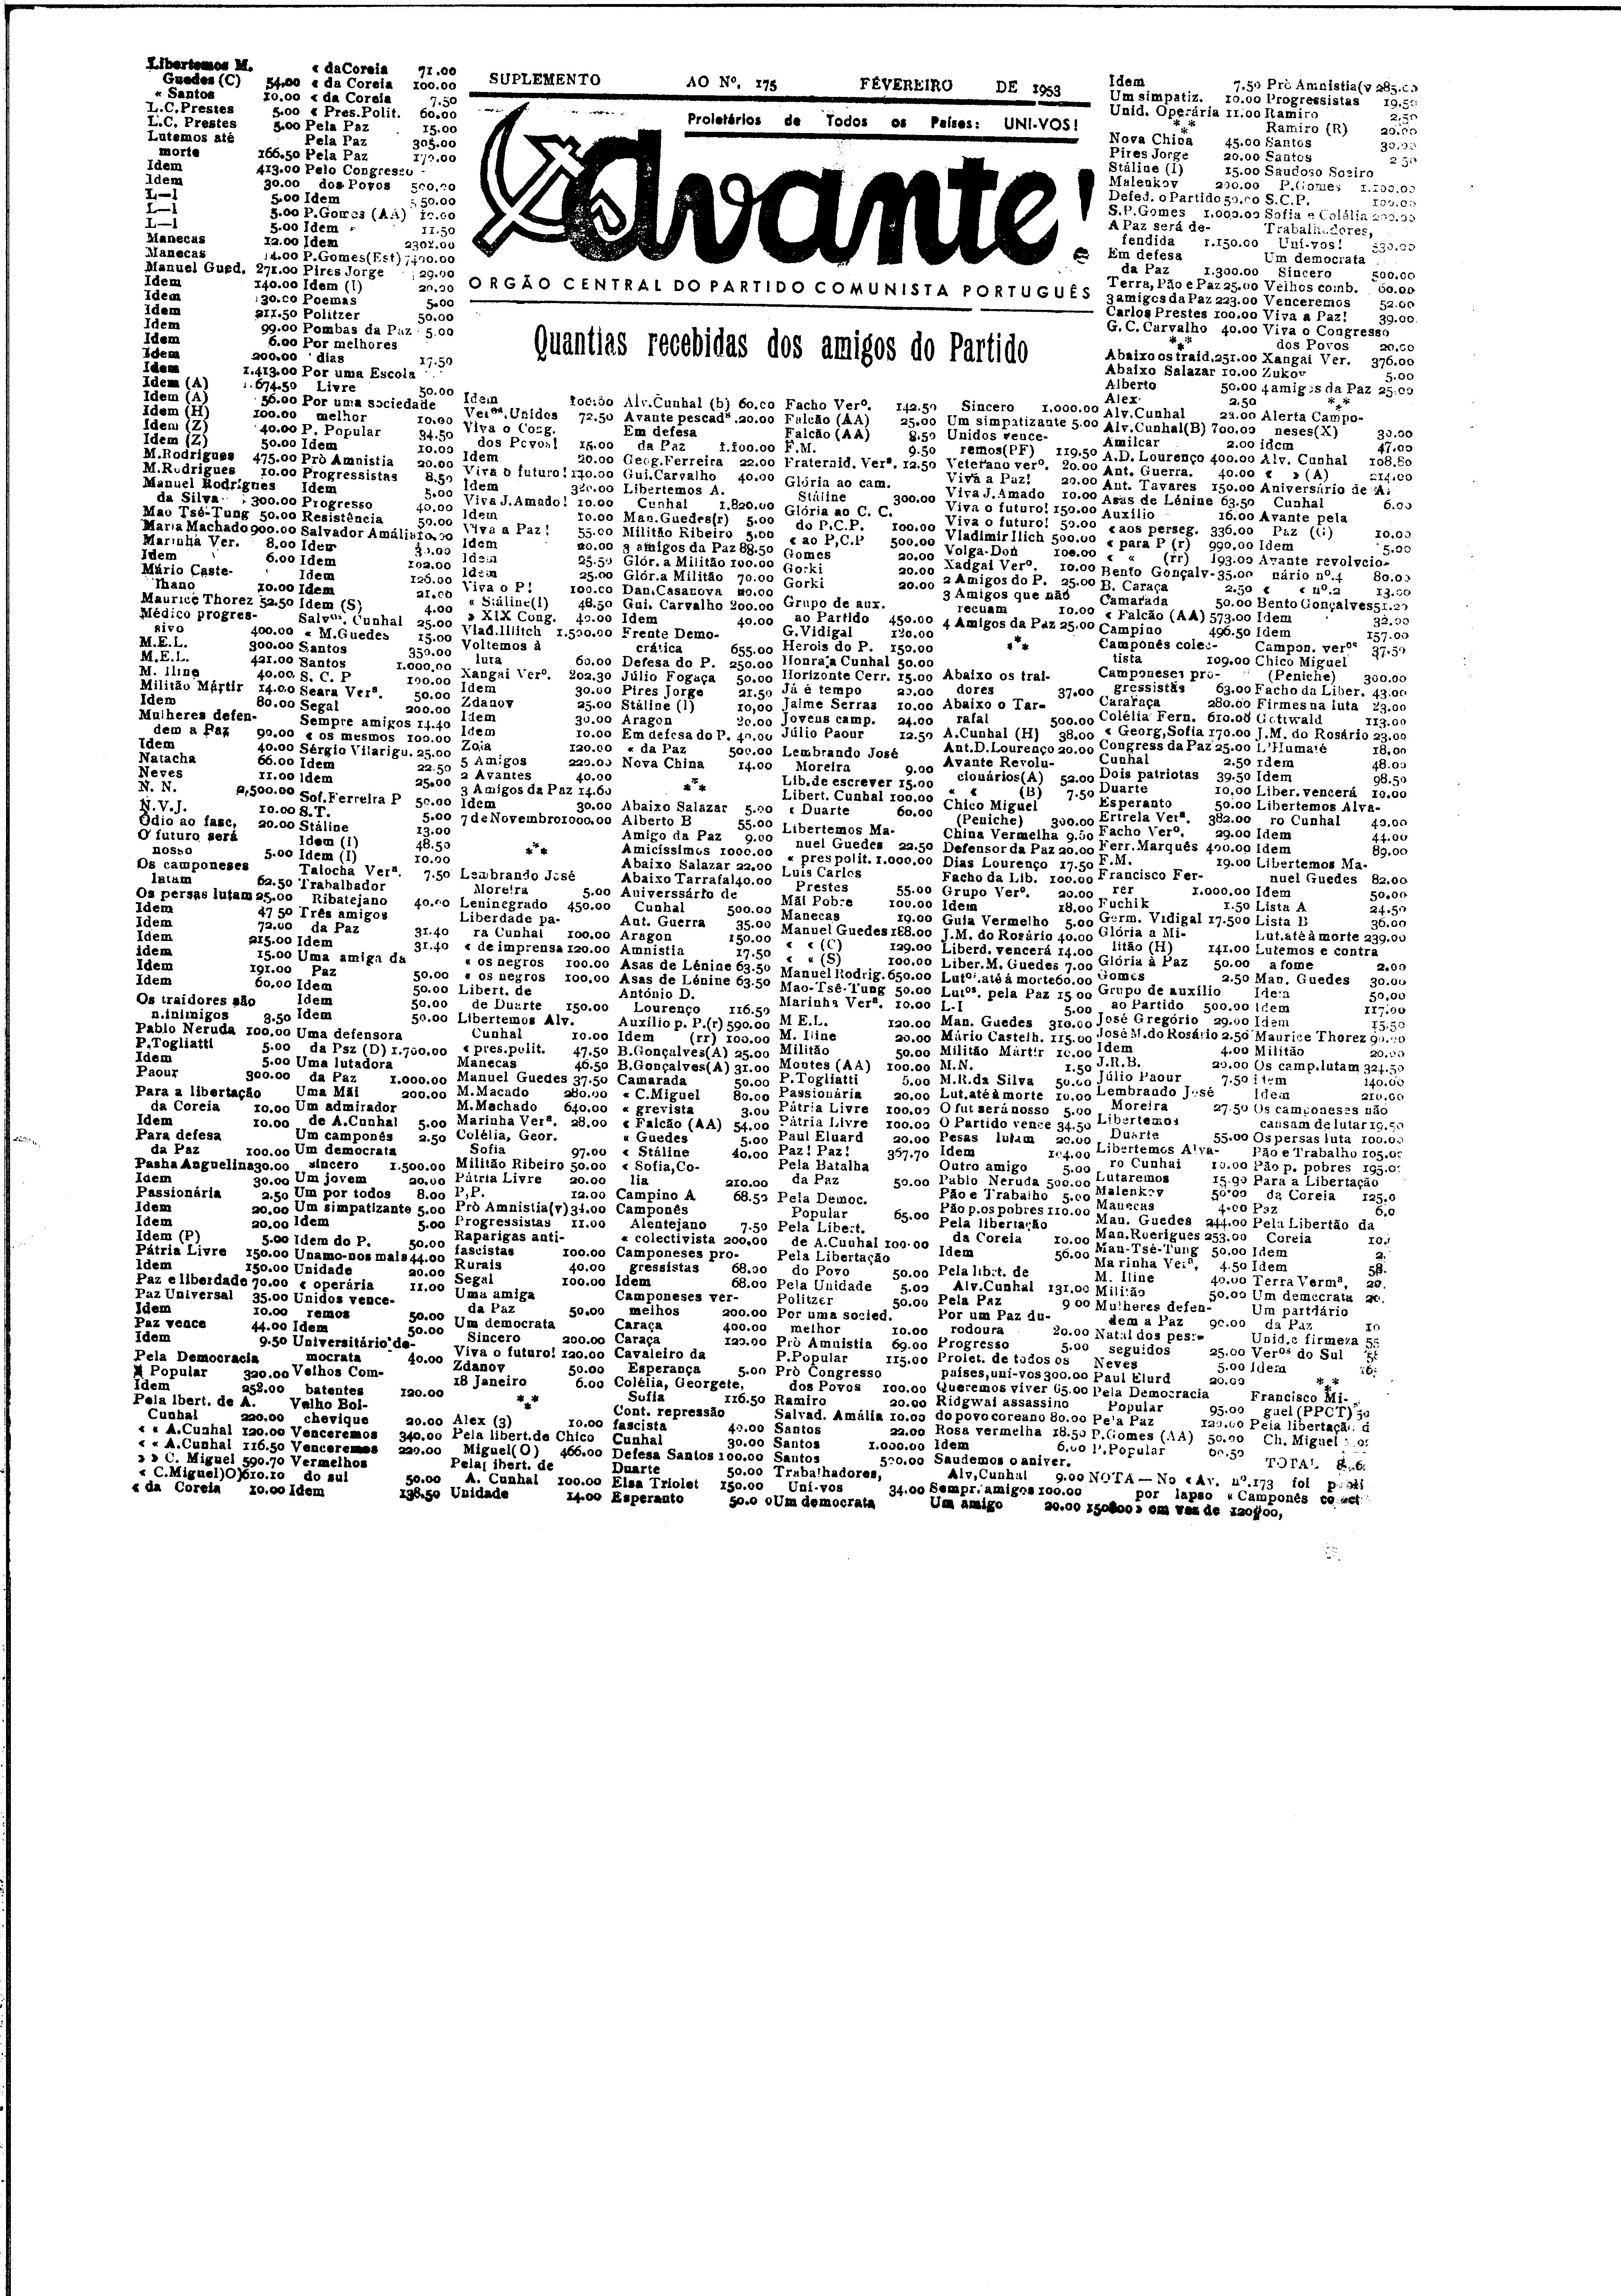 02603.022.007- pag.1